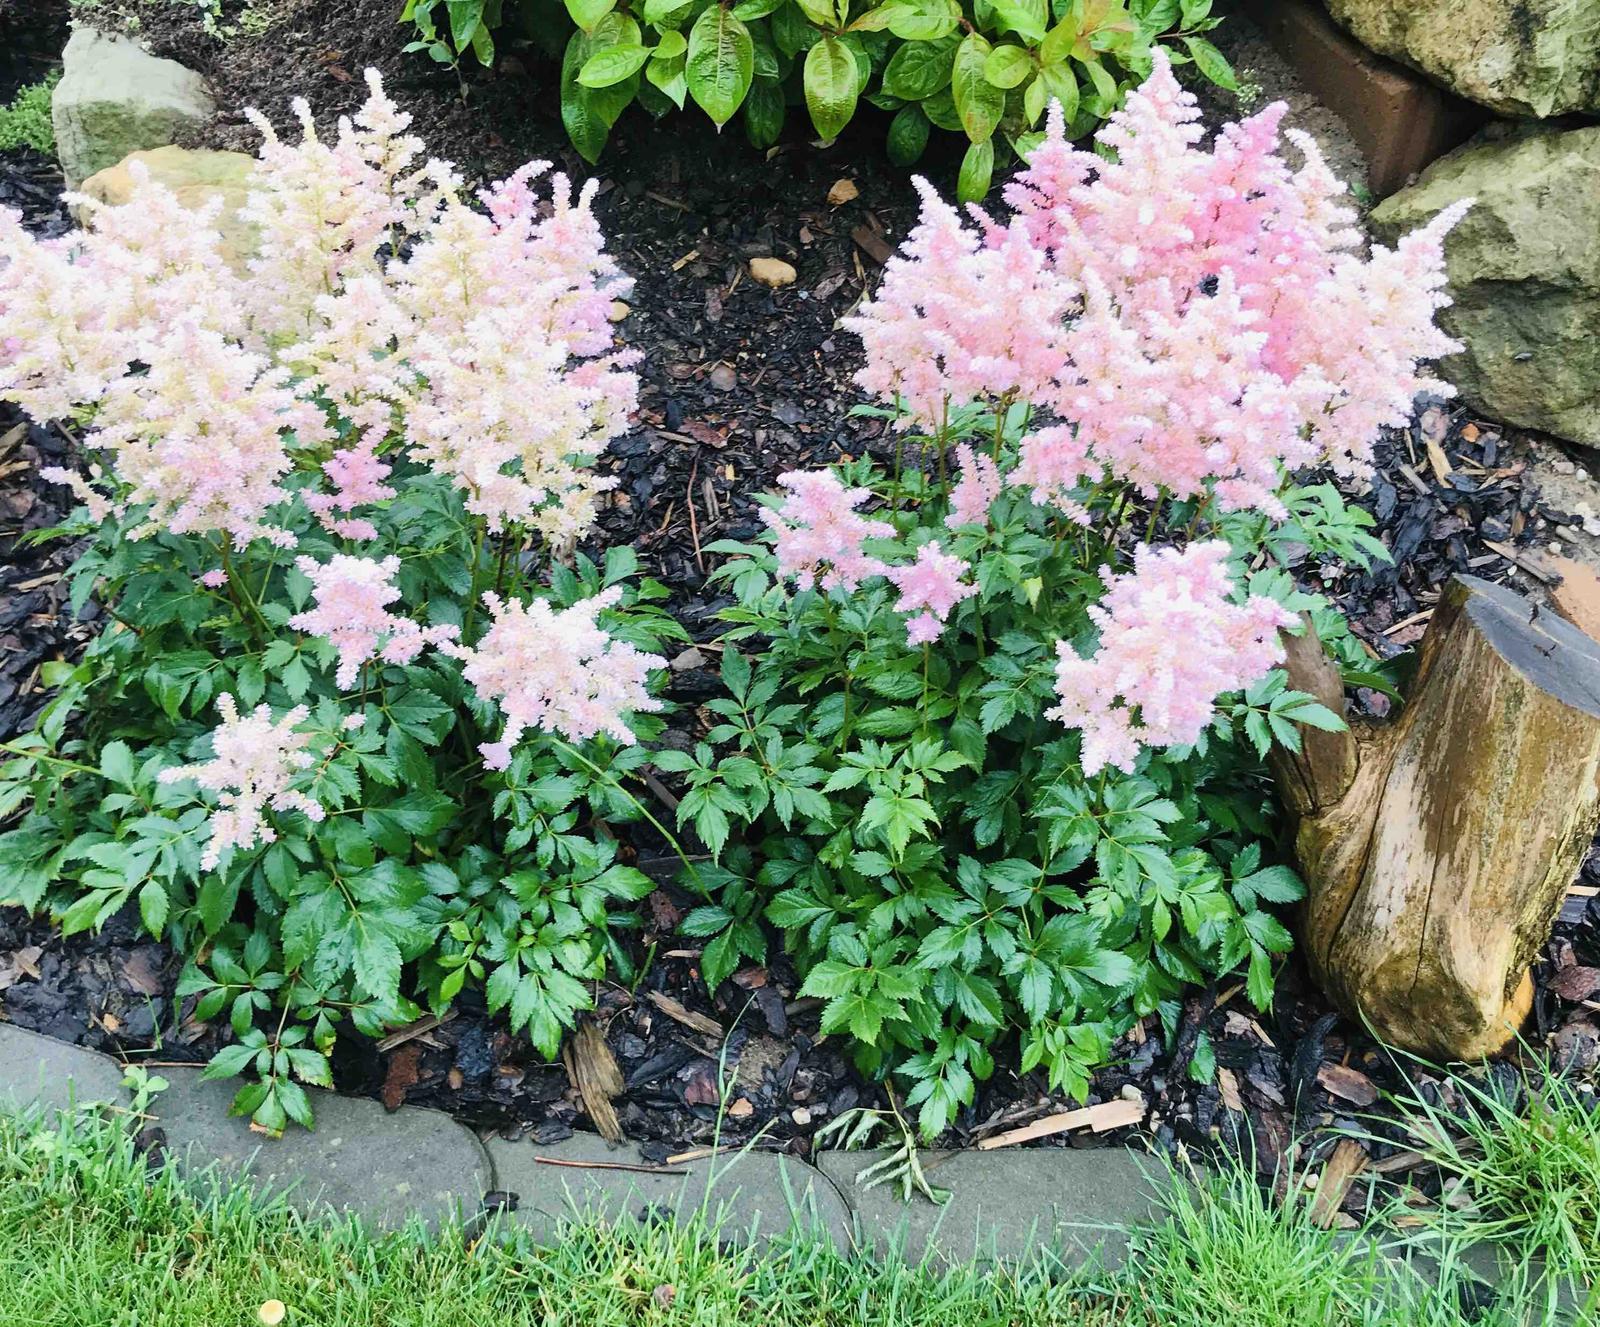 Naše barevná zahrada 🌸 - A tato jemně růžová čechrava je nádherná 🌸